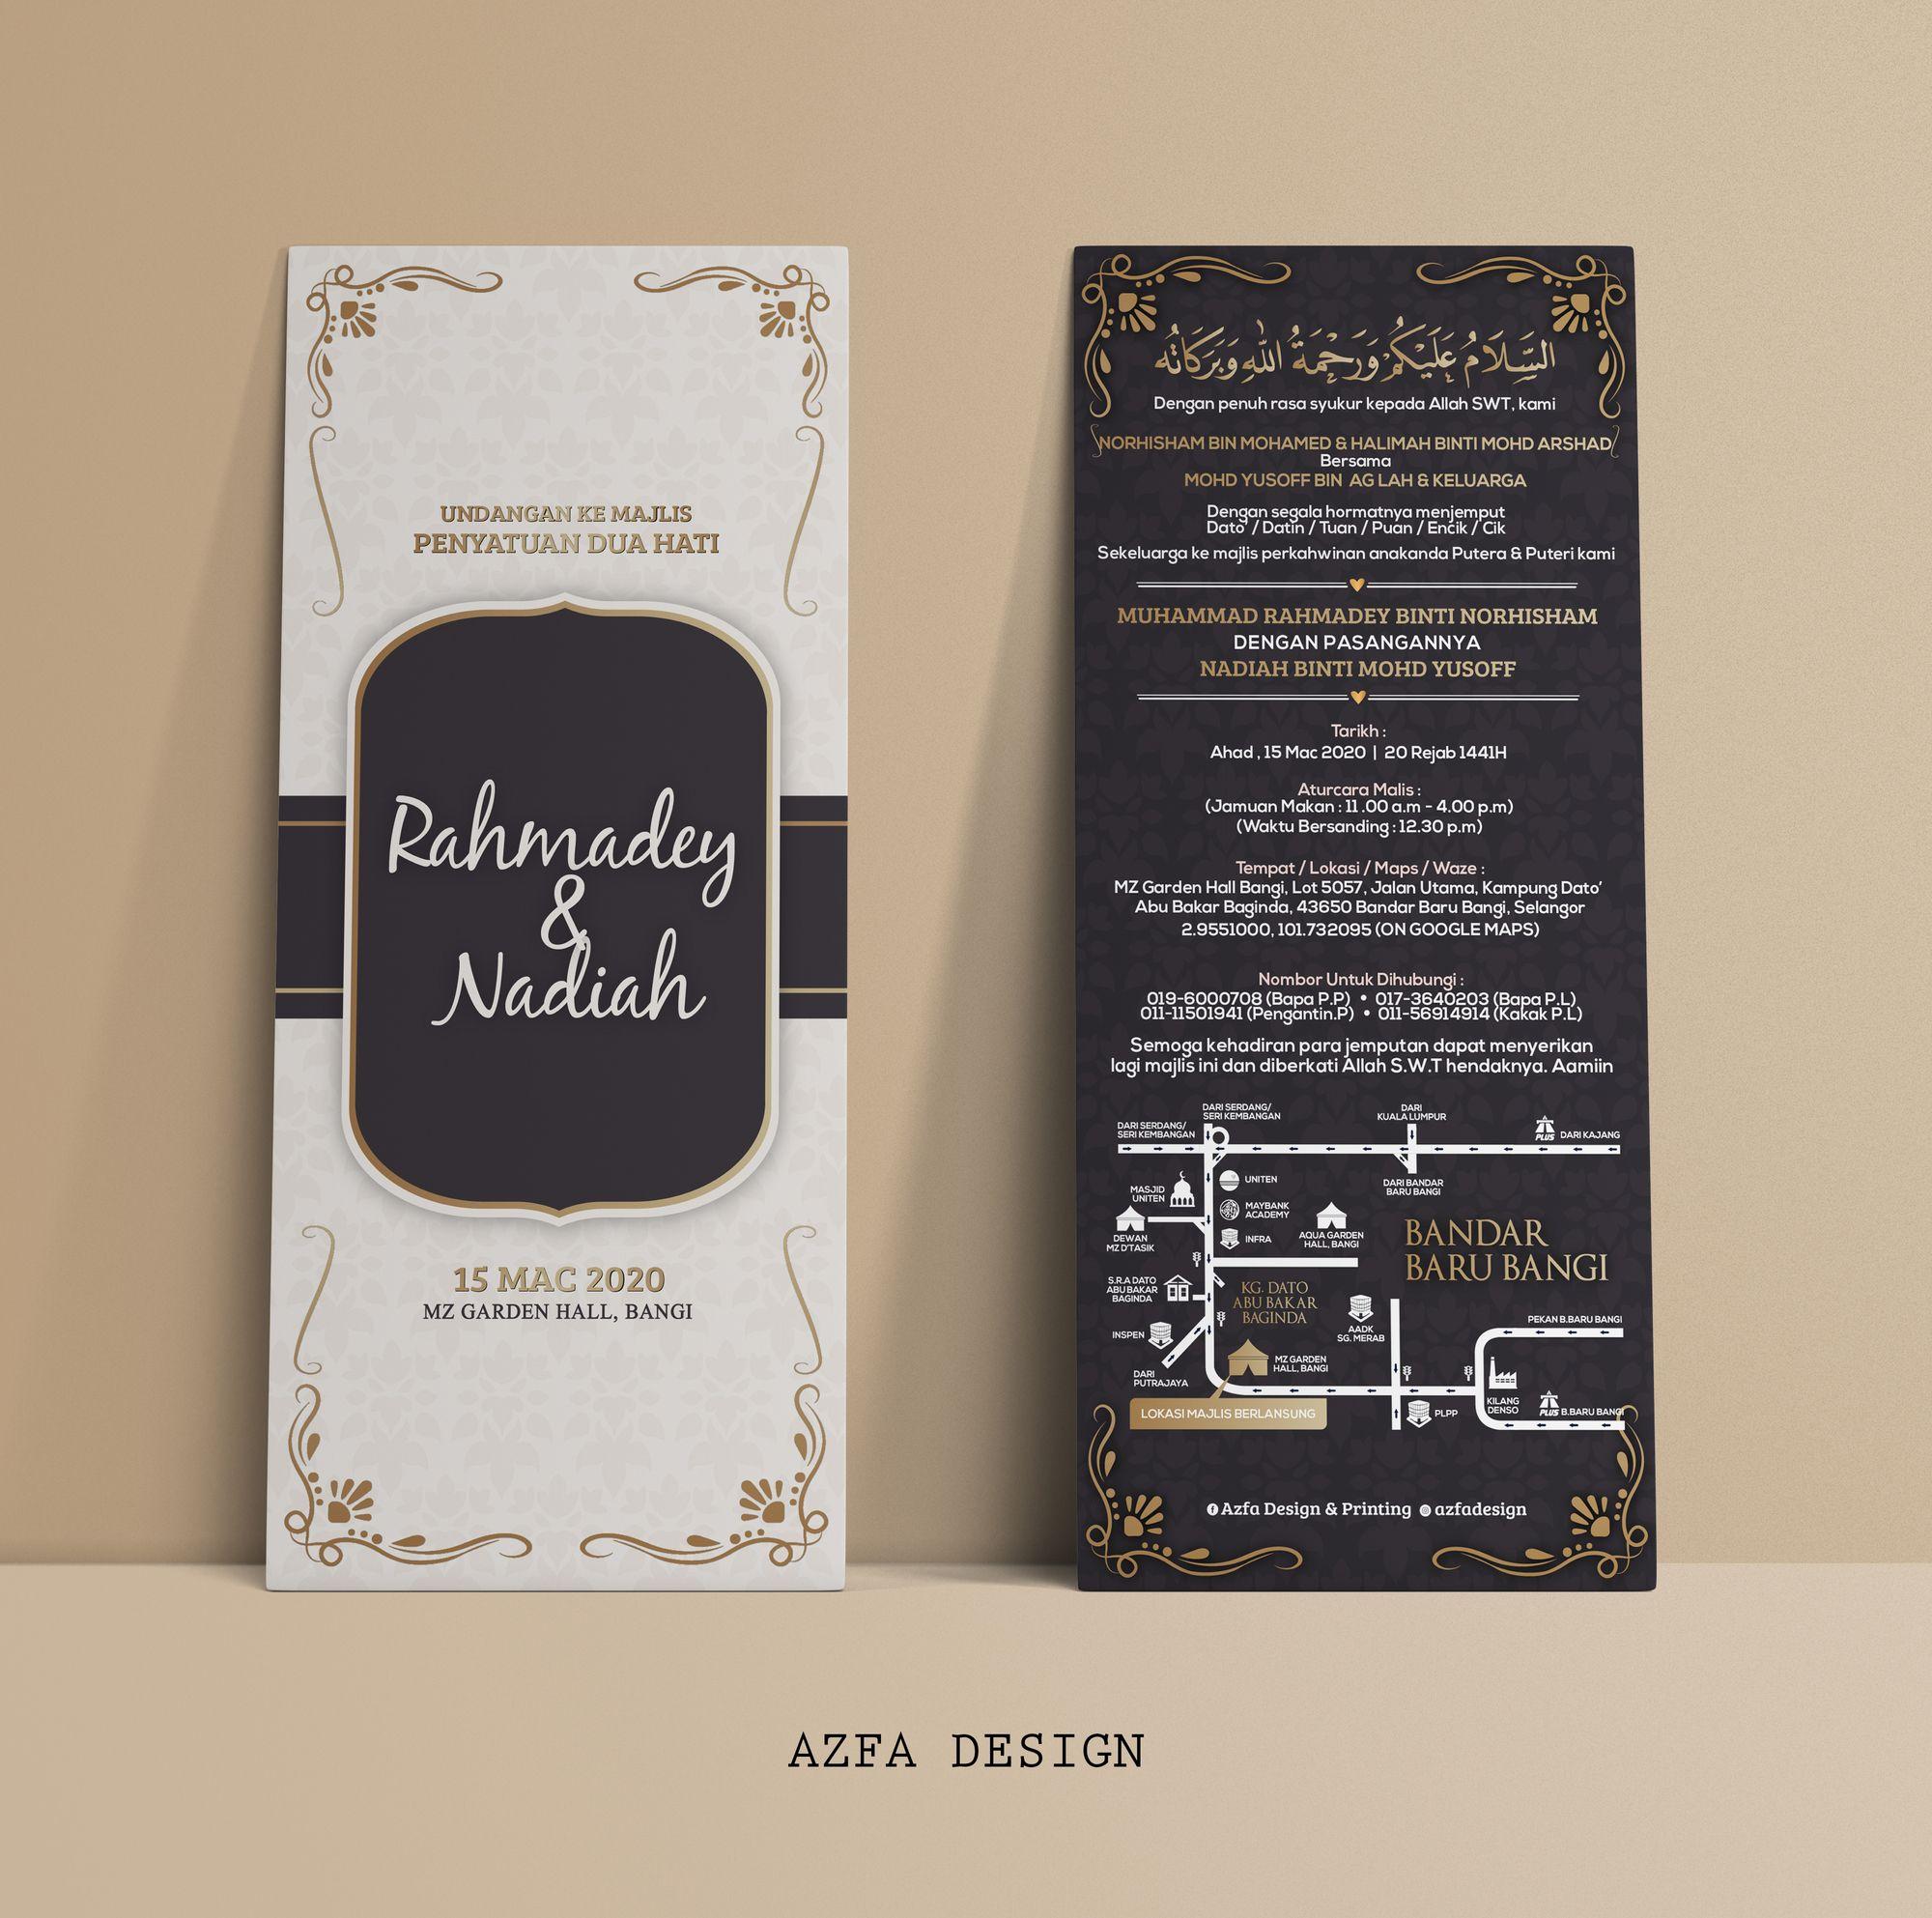 Azfadesign Kadkahwin Jangan Lupa Jemput Tetamu Tempah Kad Kahwin Anda Banyak Sanga Invitation Cards Cards Invitations